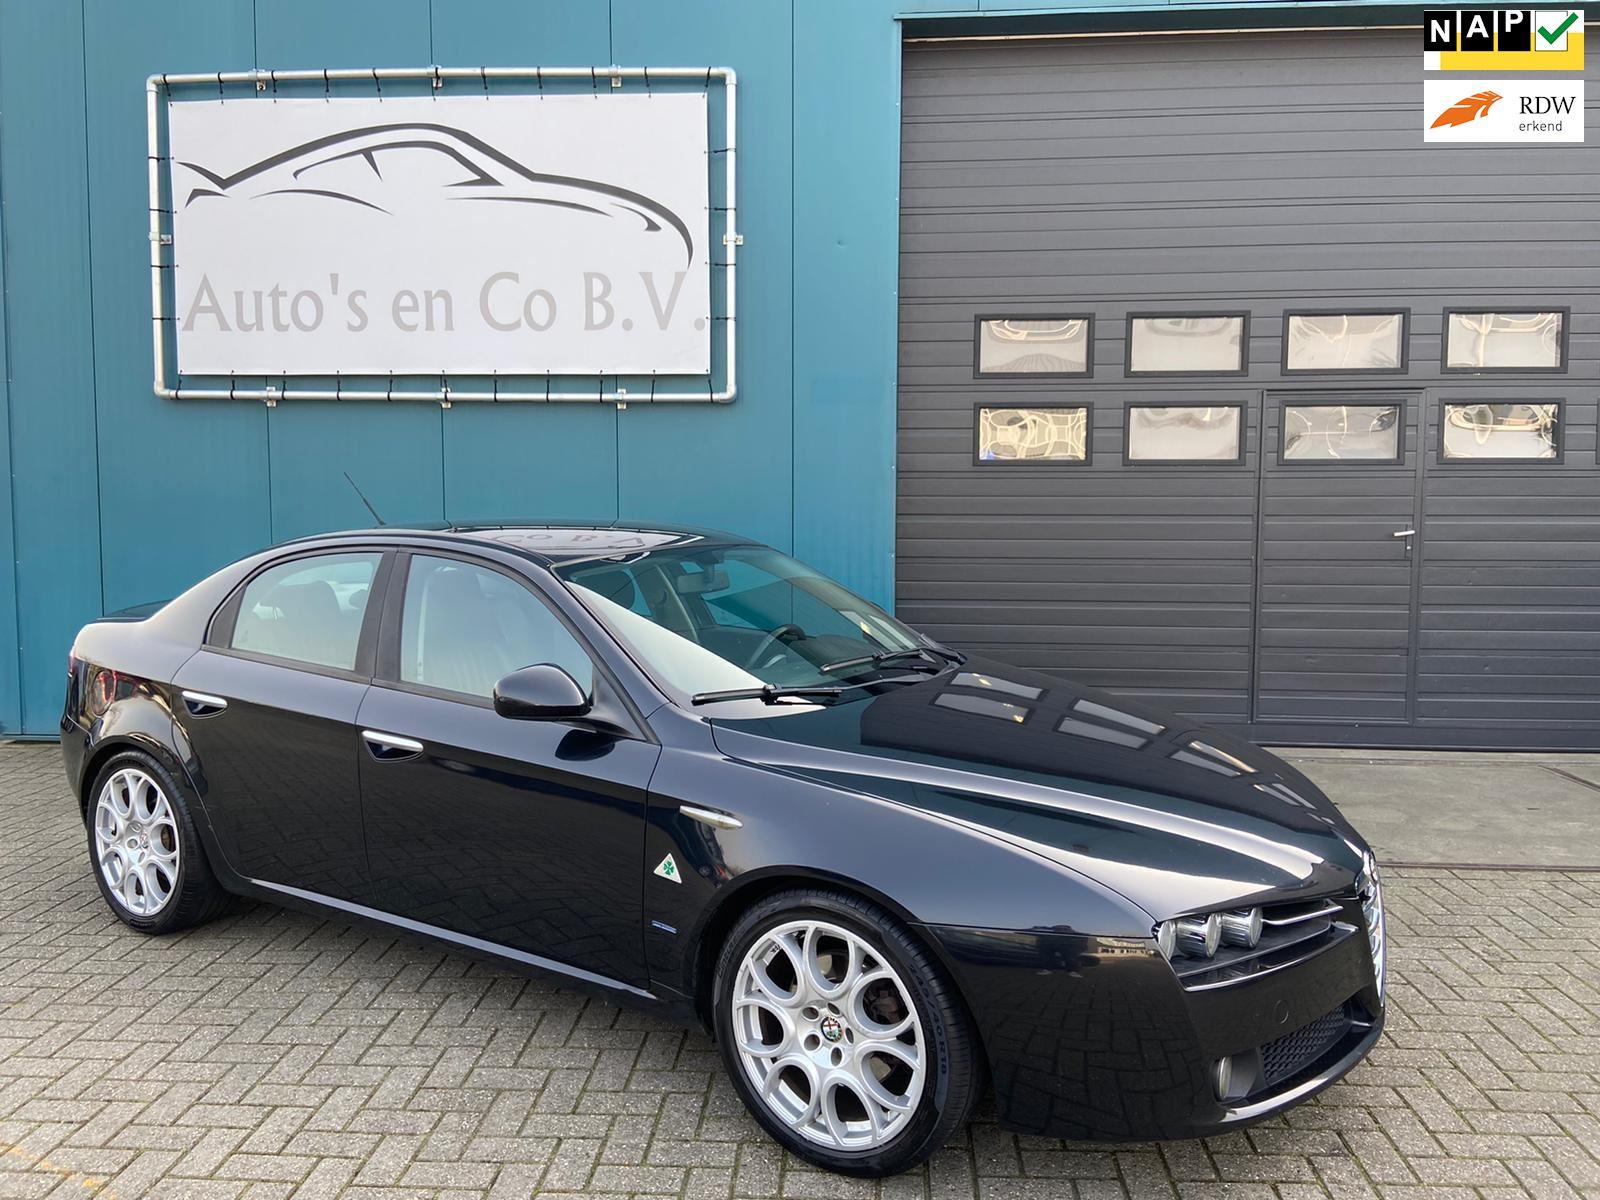 Alfa Romeo 159 occasion - Auto's en Co B.V.